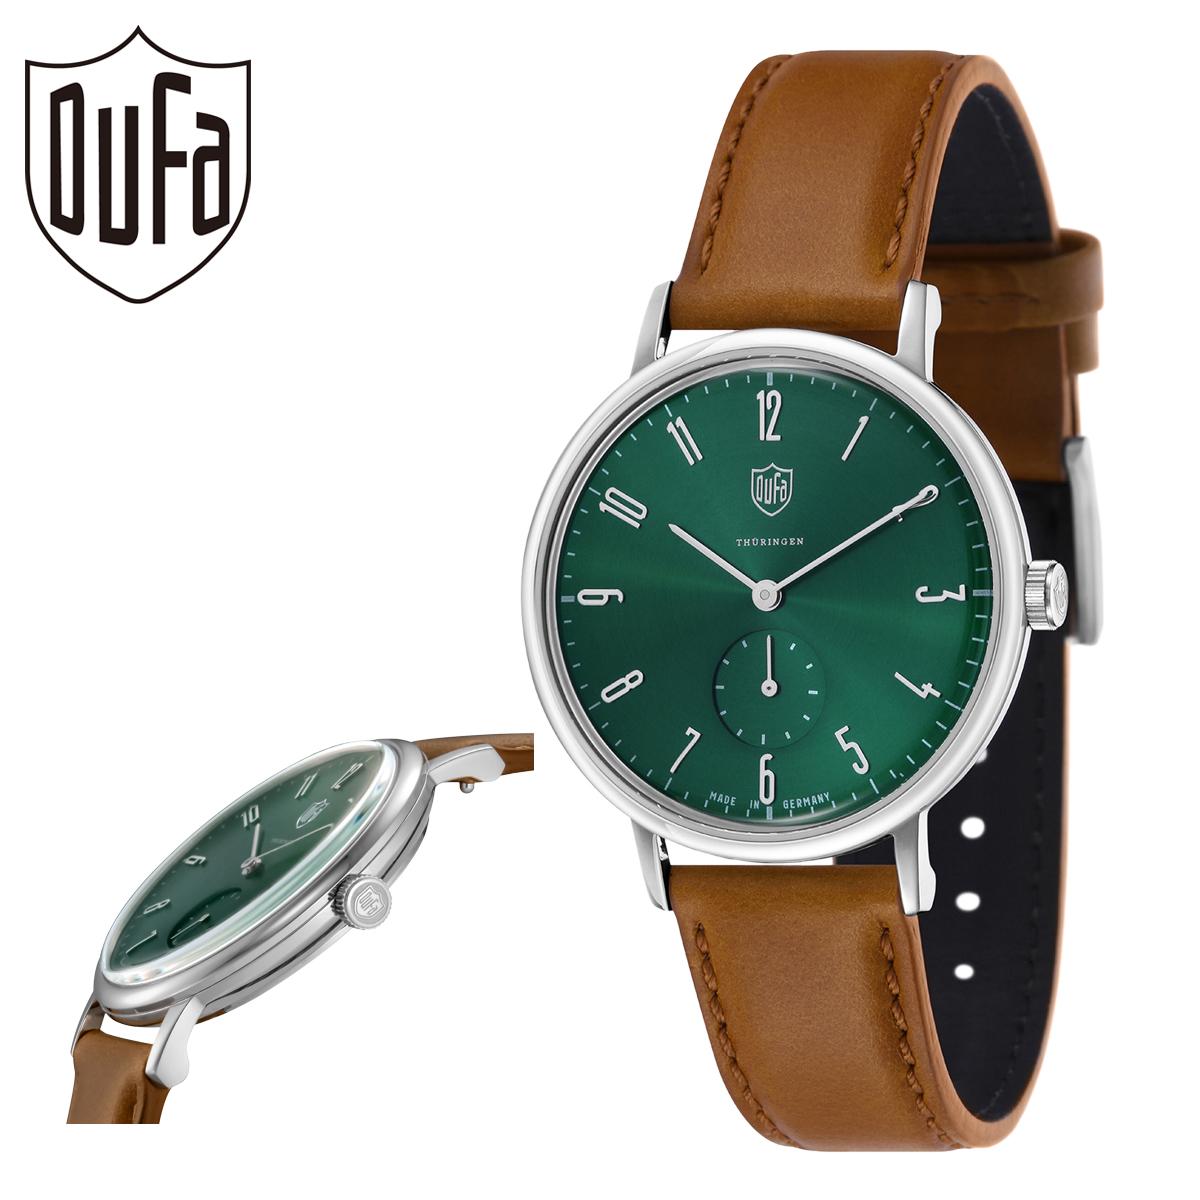 ドゥッファ 腕時計 グロピウス DF-9001-0M メンズ レディース DUFA ステンレススチール ミネラルガラス 本革[PO10]